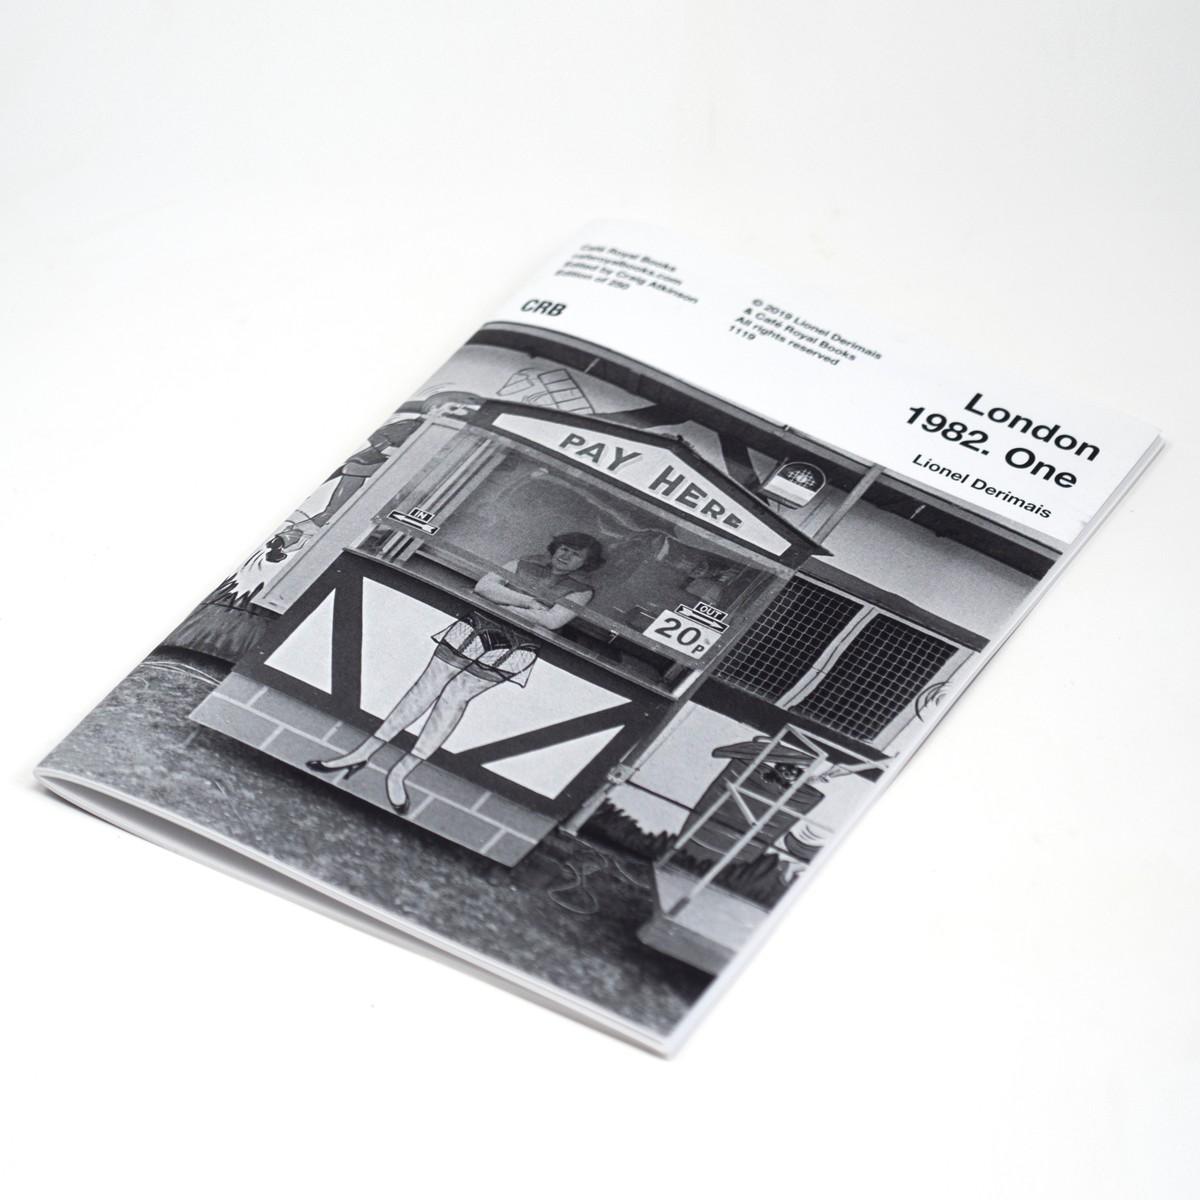 Photo of London 1982 Photozine